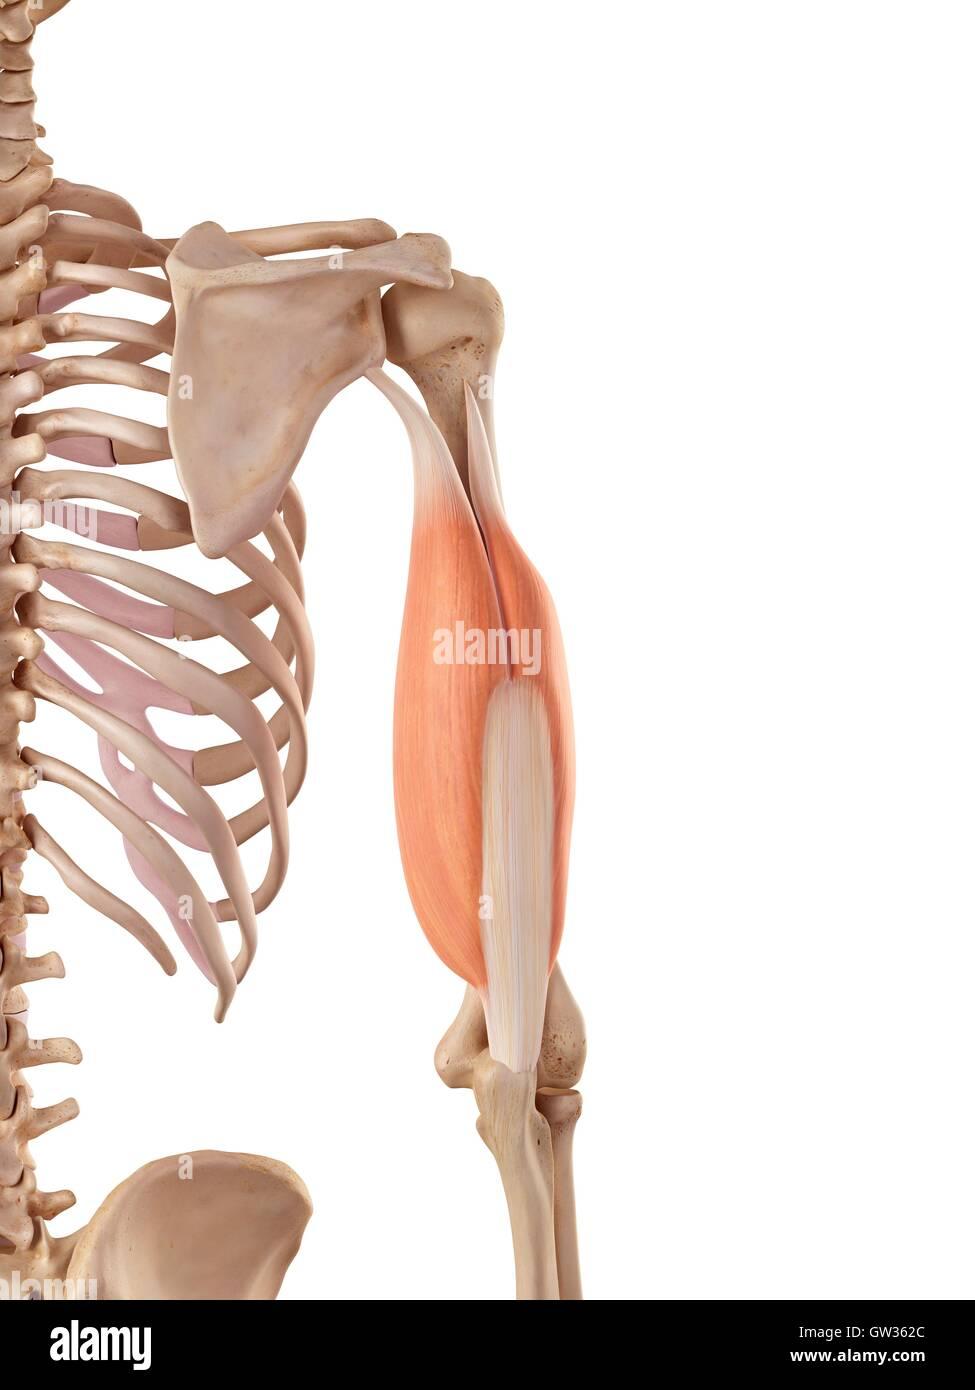 Ausgezeichnet Trizeps Ideen - Menschliche Anatomie Bilder ...